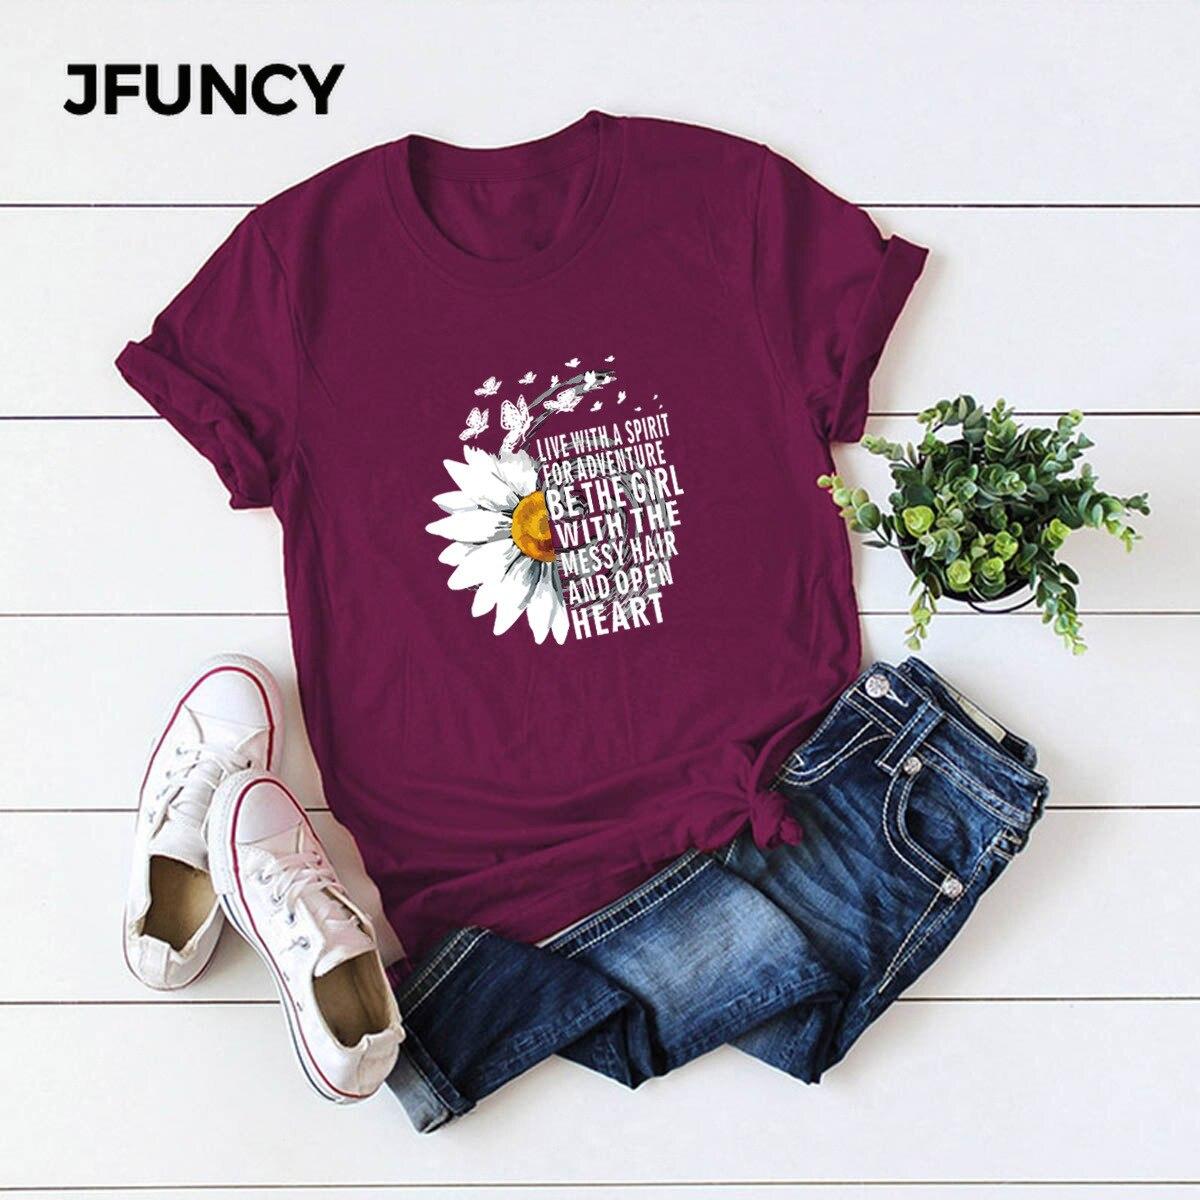 JFUNCY 2020 nuevas camisetas de algodón de verano para Mujer, camisetas creativas con estampado de letras inspiradoras de crisantemo, camisetas de talla grande para Mujer